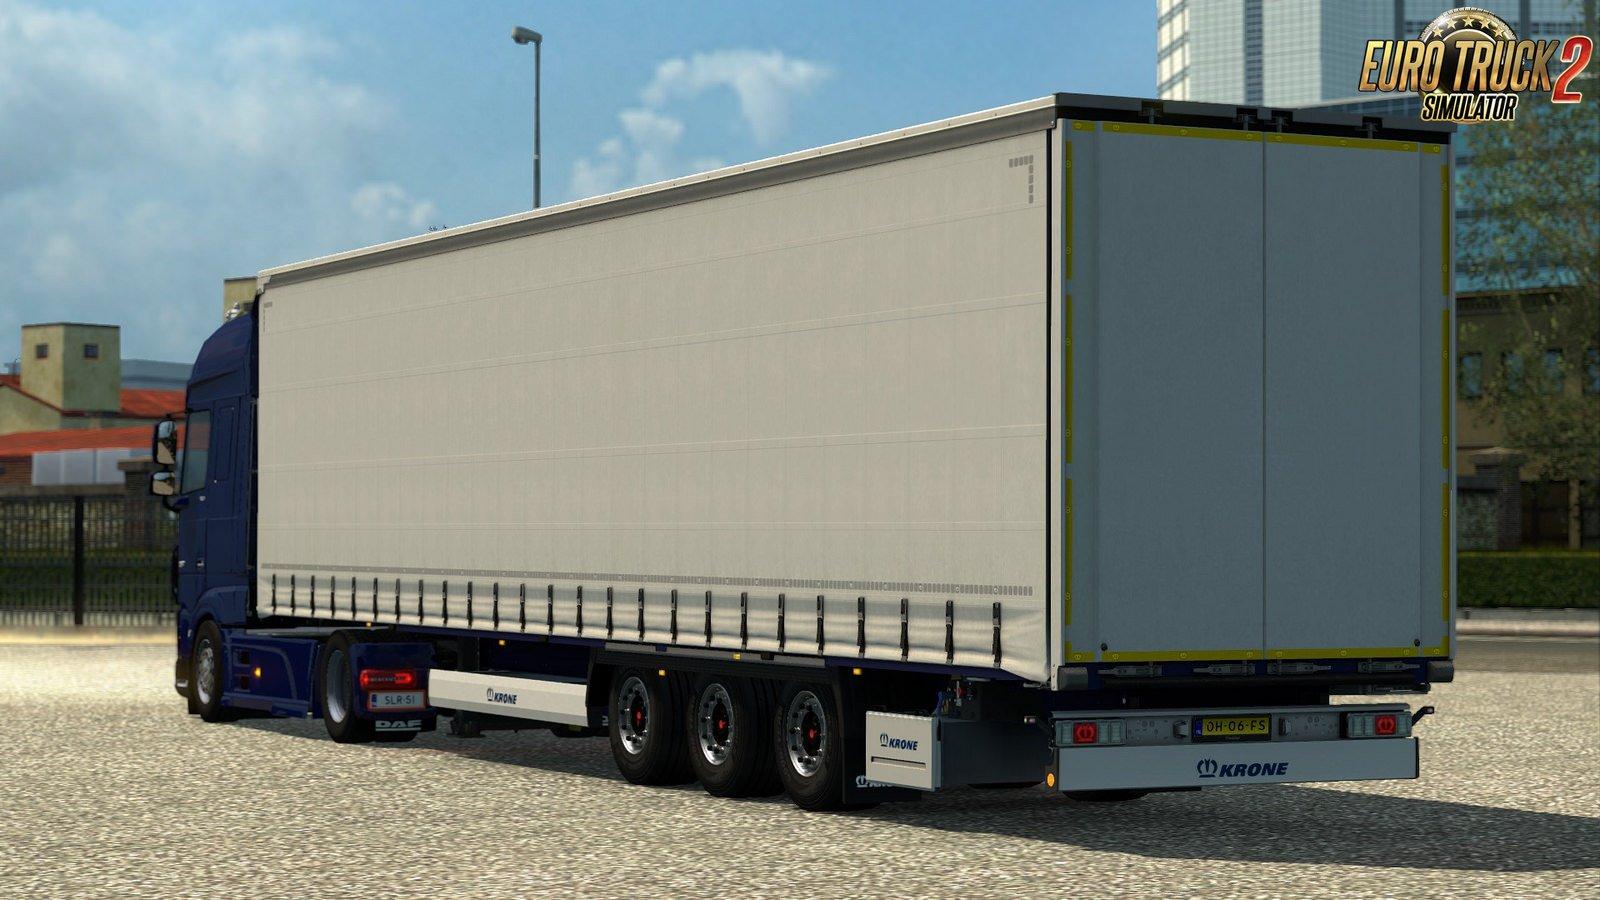 Krone Mega Liner trailer for Ets2